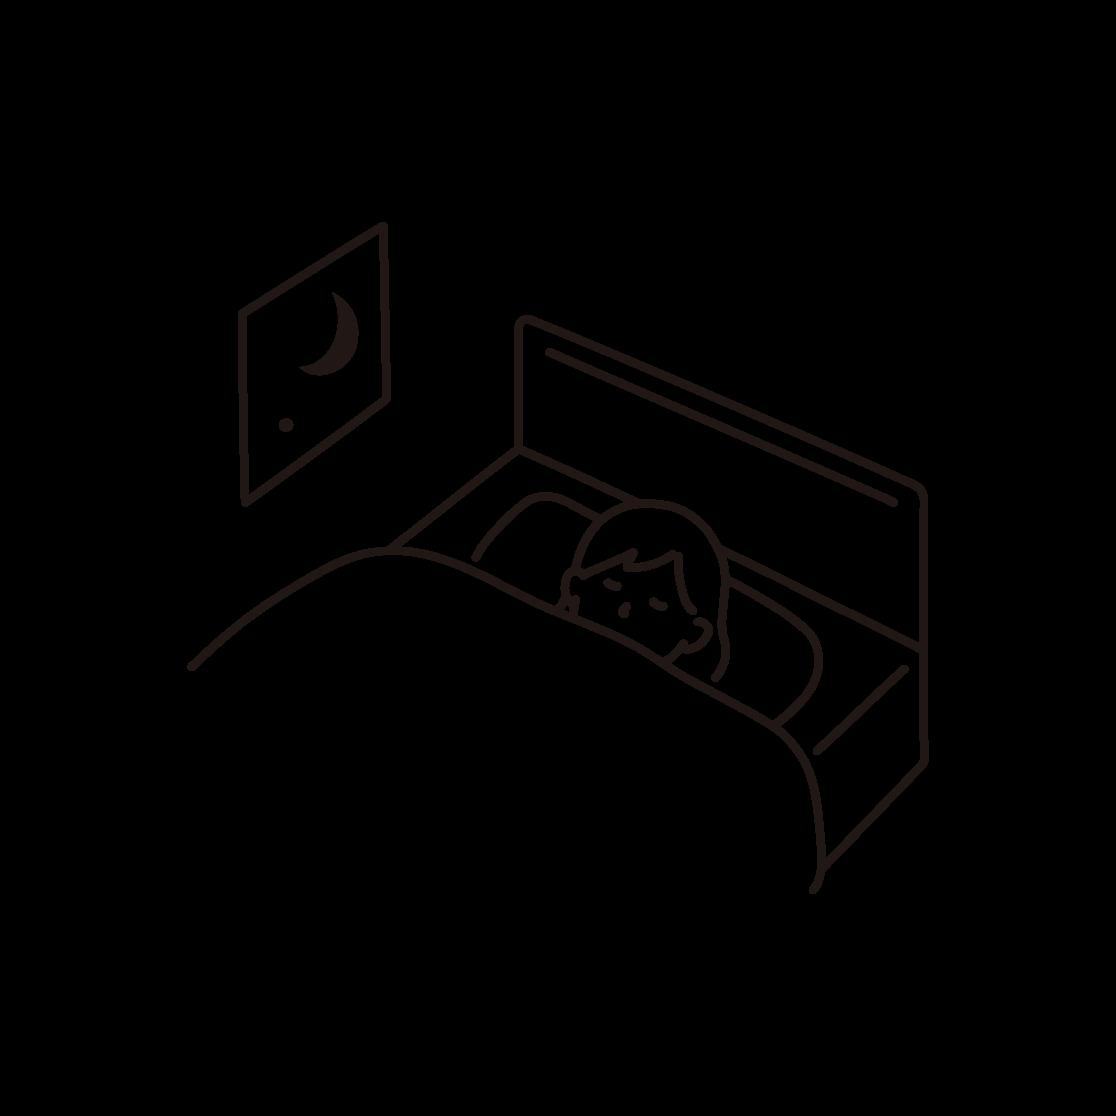 寝ている女性の線画イラスト